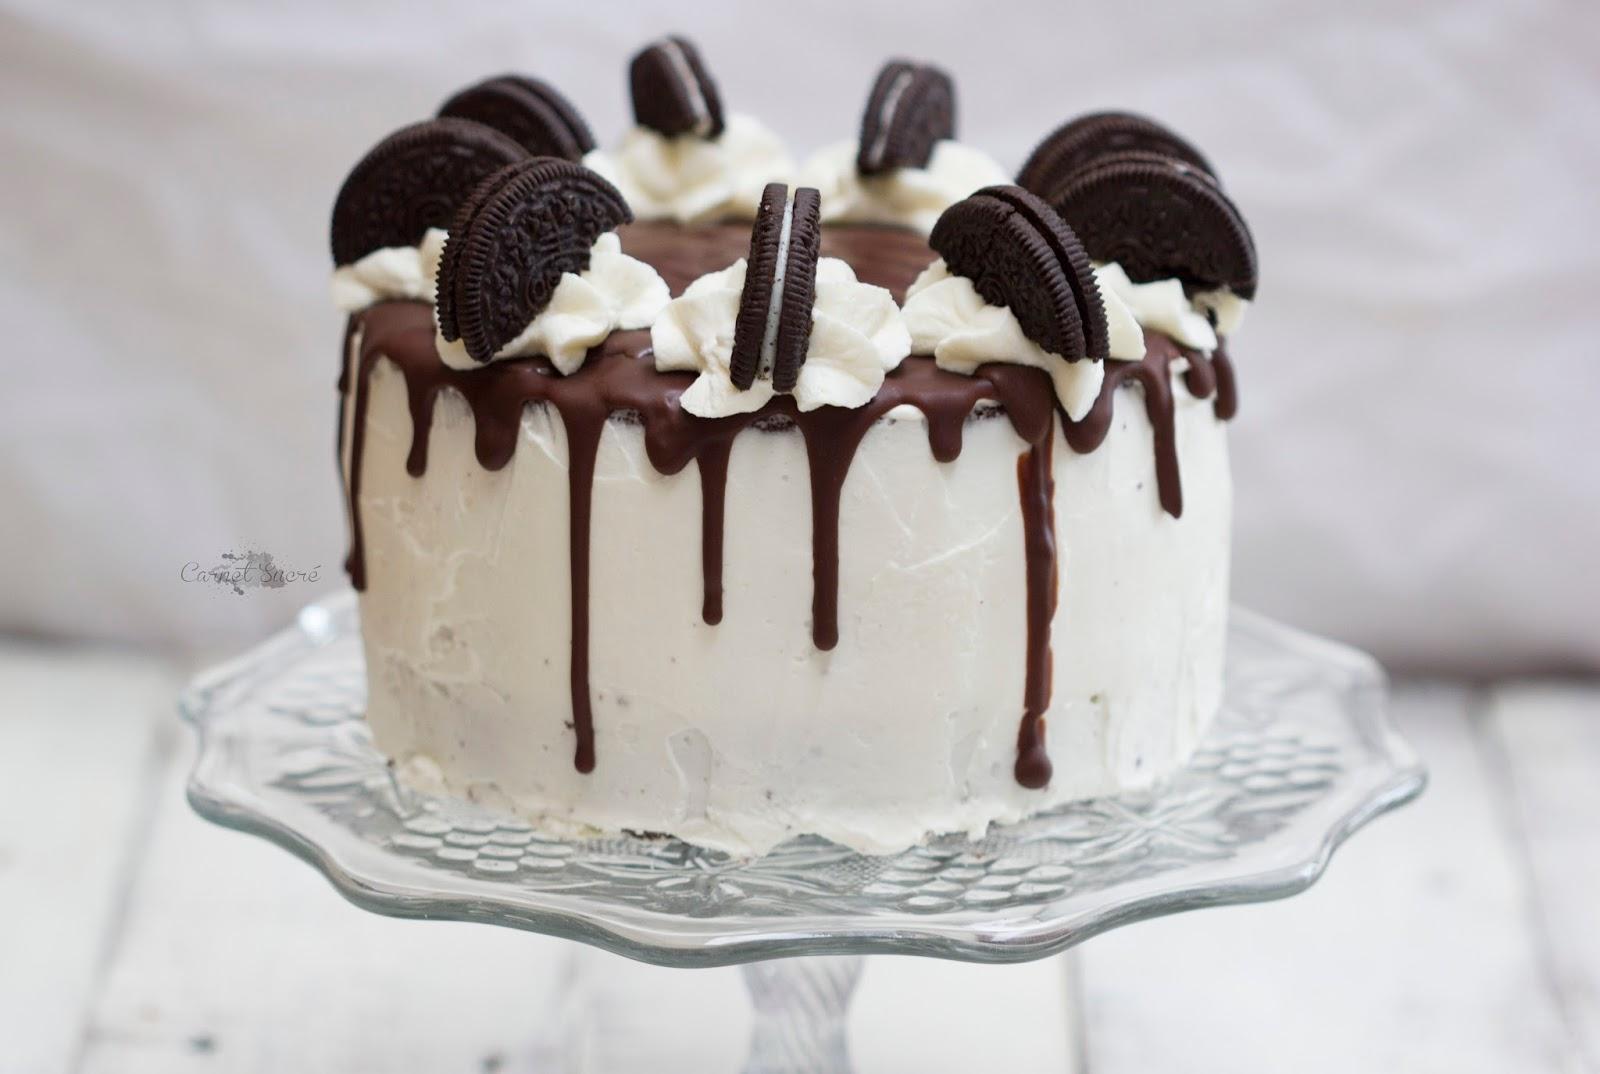 Recette d'un délicieux Layer cakes aux Oréo au glaçage coulant et à la crème mascarpone ! De quoi se régaler !